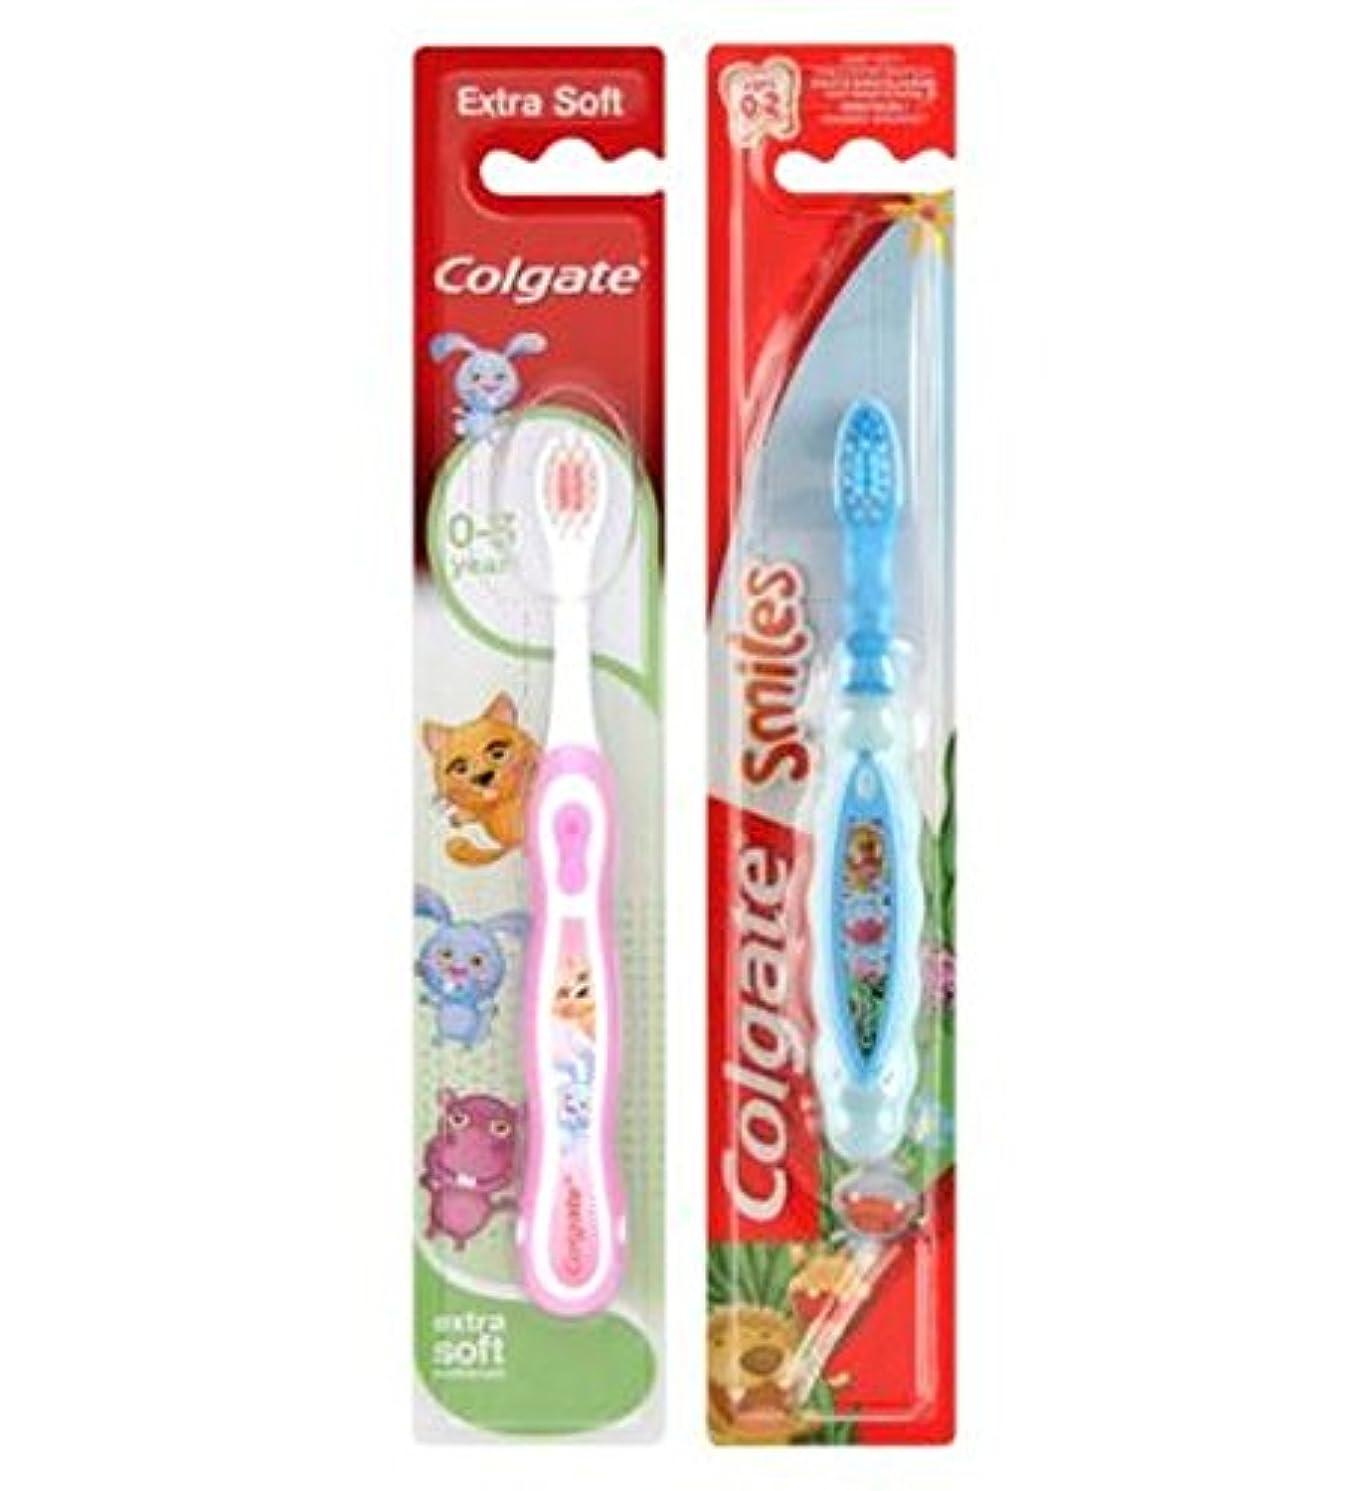 フルーティー喜ぶ疾患Colgate My First Toothbrush - コルゲート私の最初の歯ブラシ (Colgate) [並行輸入品]